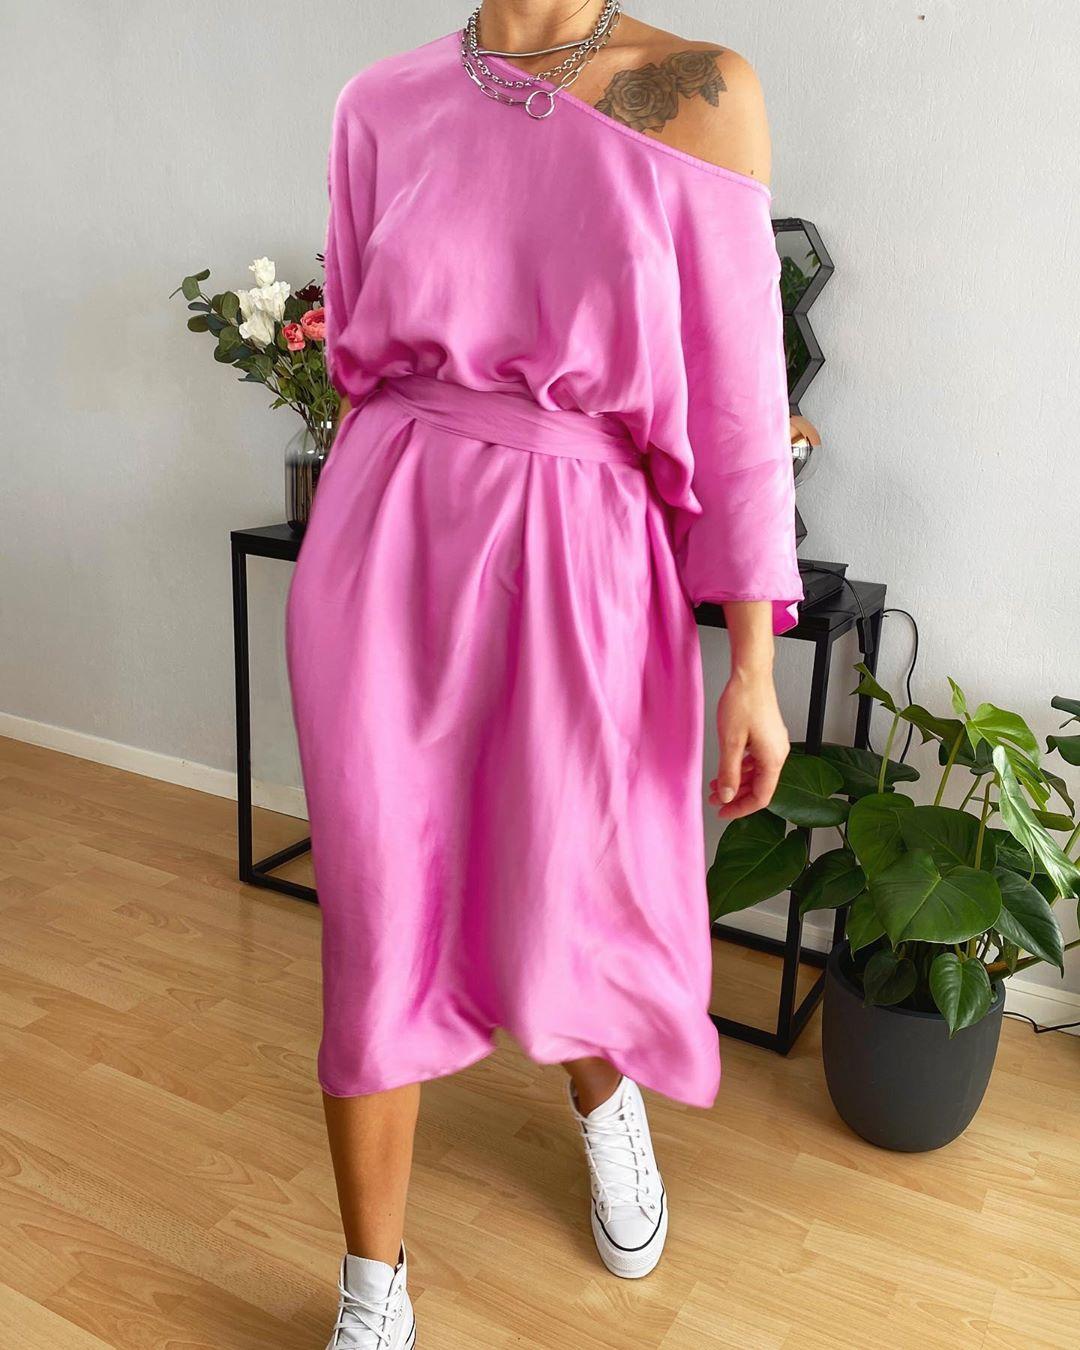 robe soie magenta de Les Bourgeoises sur lesbourgeoisesofficiel